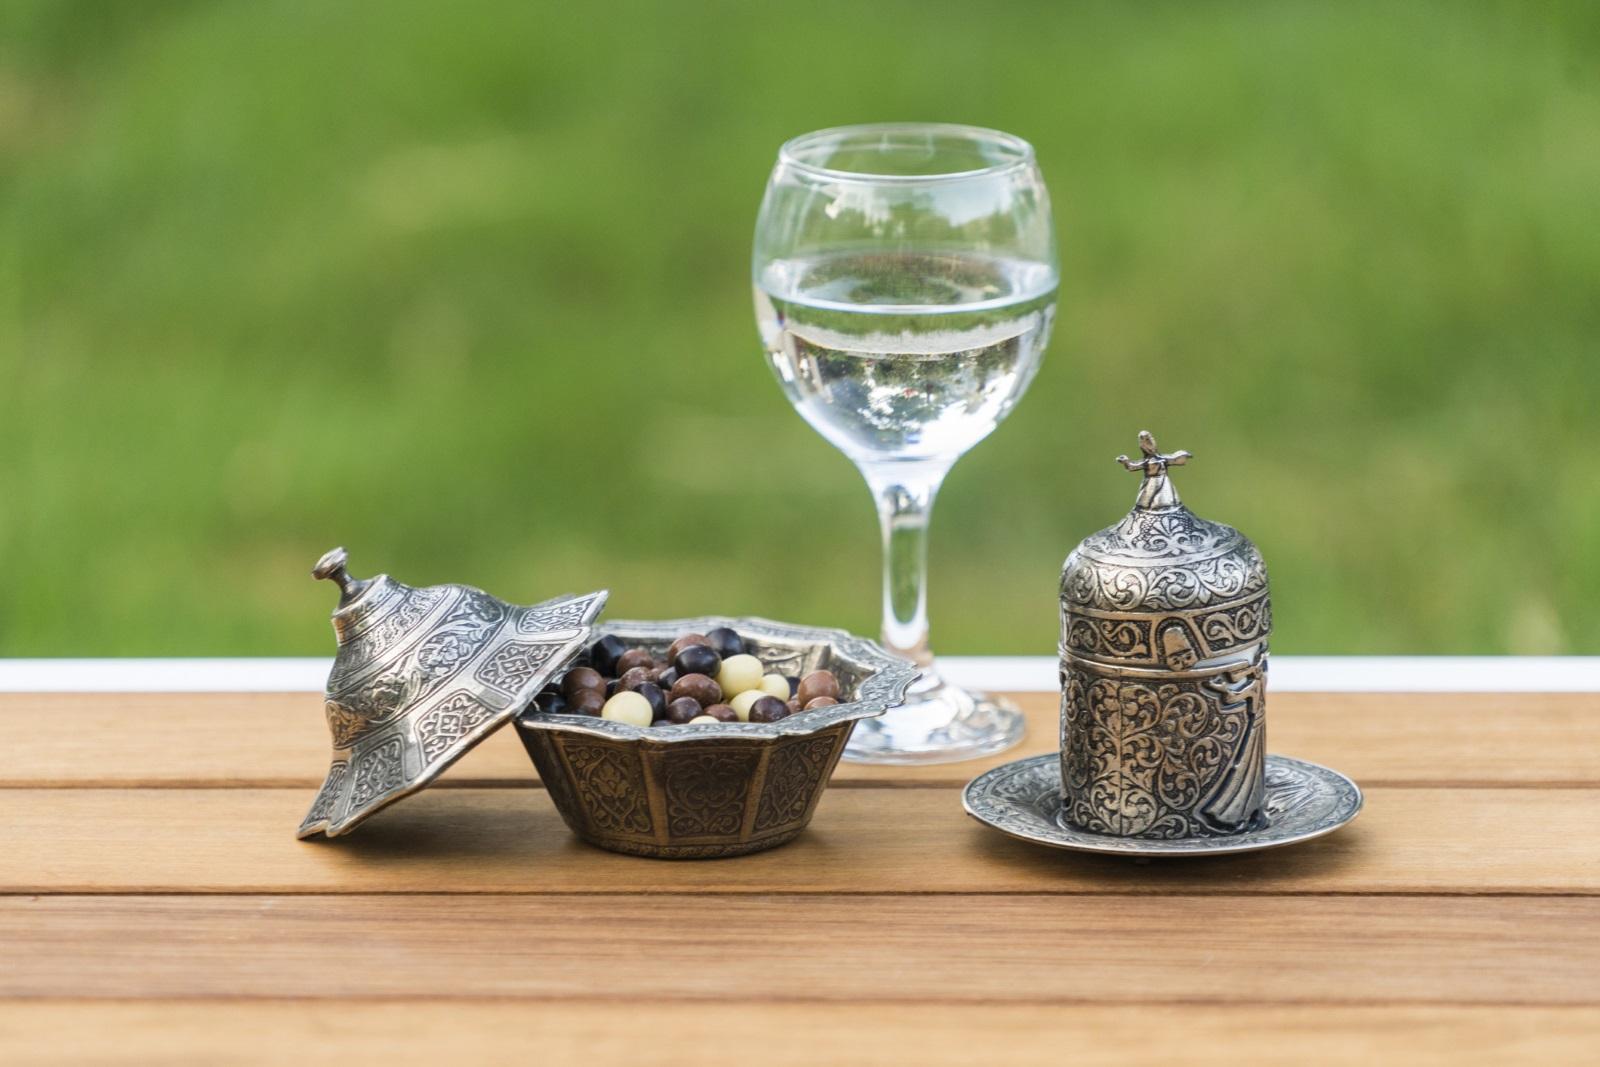 Турското кафе винаги се сервира с чаша вода<br /> За гостоприемните турци гостите са важни. Да се види кое те пият първо е учтив начин за домакина да разбере дали са гладни или не. Ако гостът посегне първо към водата,това значи, че е гладен и домакинът приготвя ястие.Второ, водата помага за прочистване на небцето на човек, преди или след като е консумирал кафе.